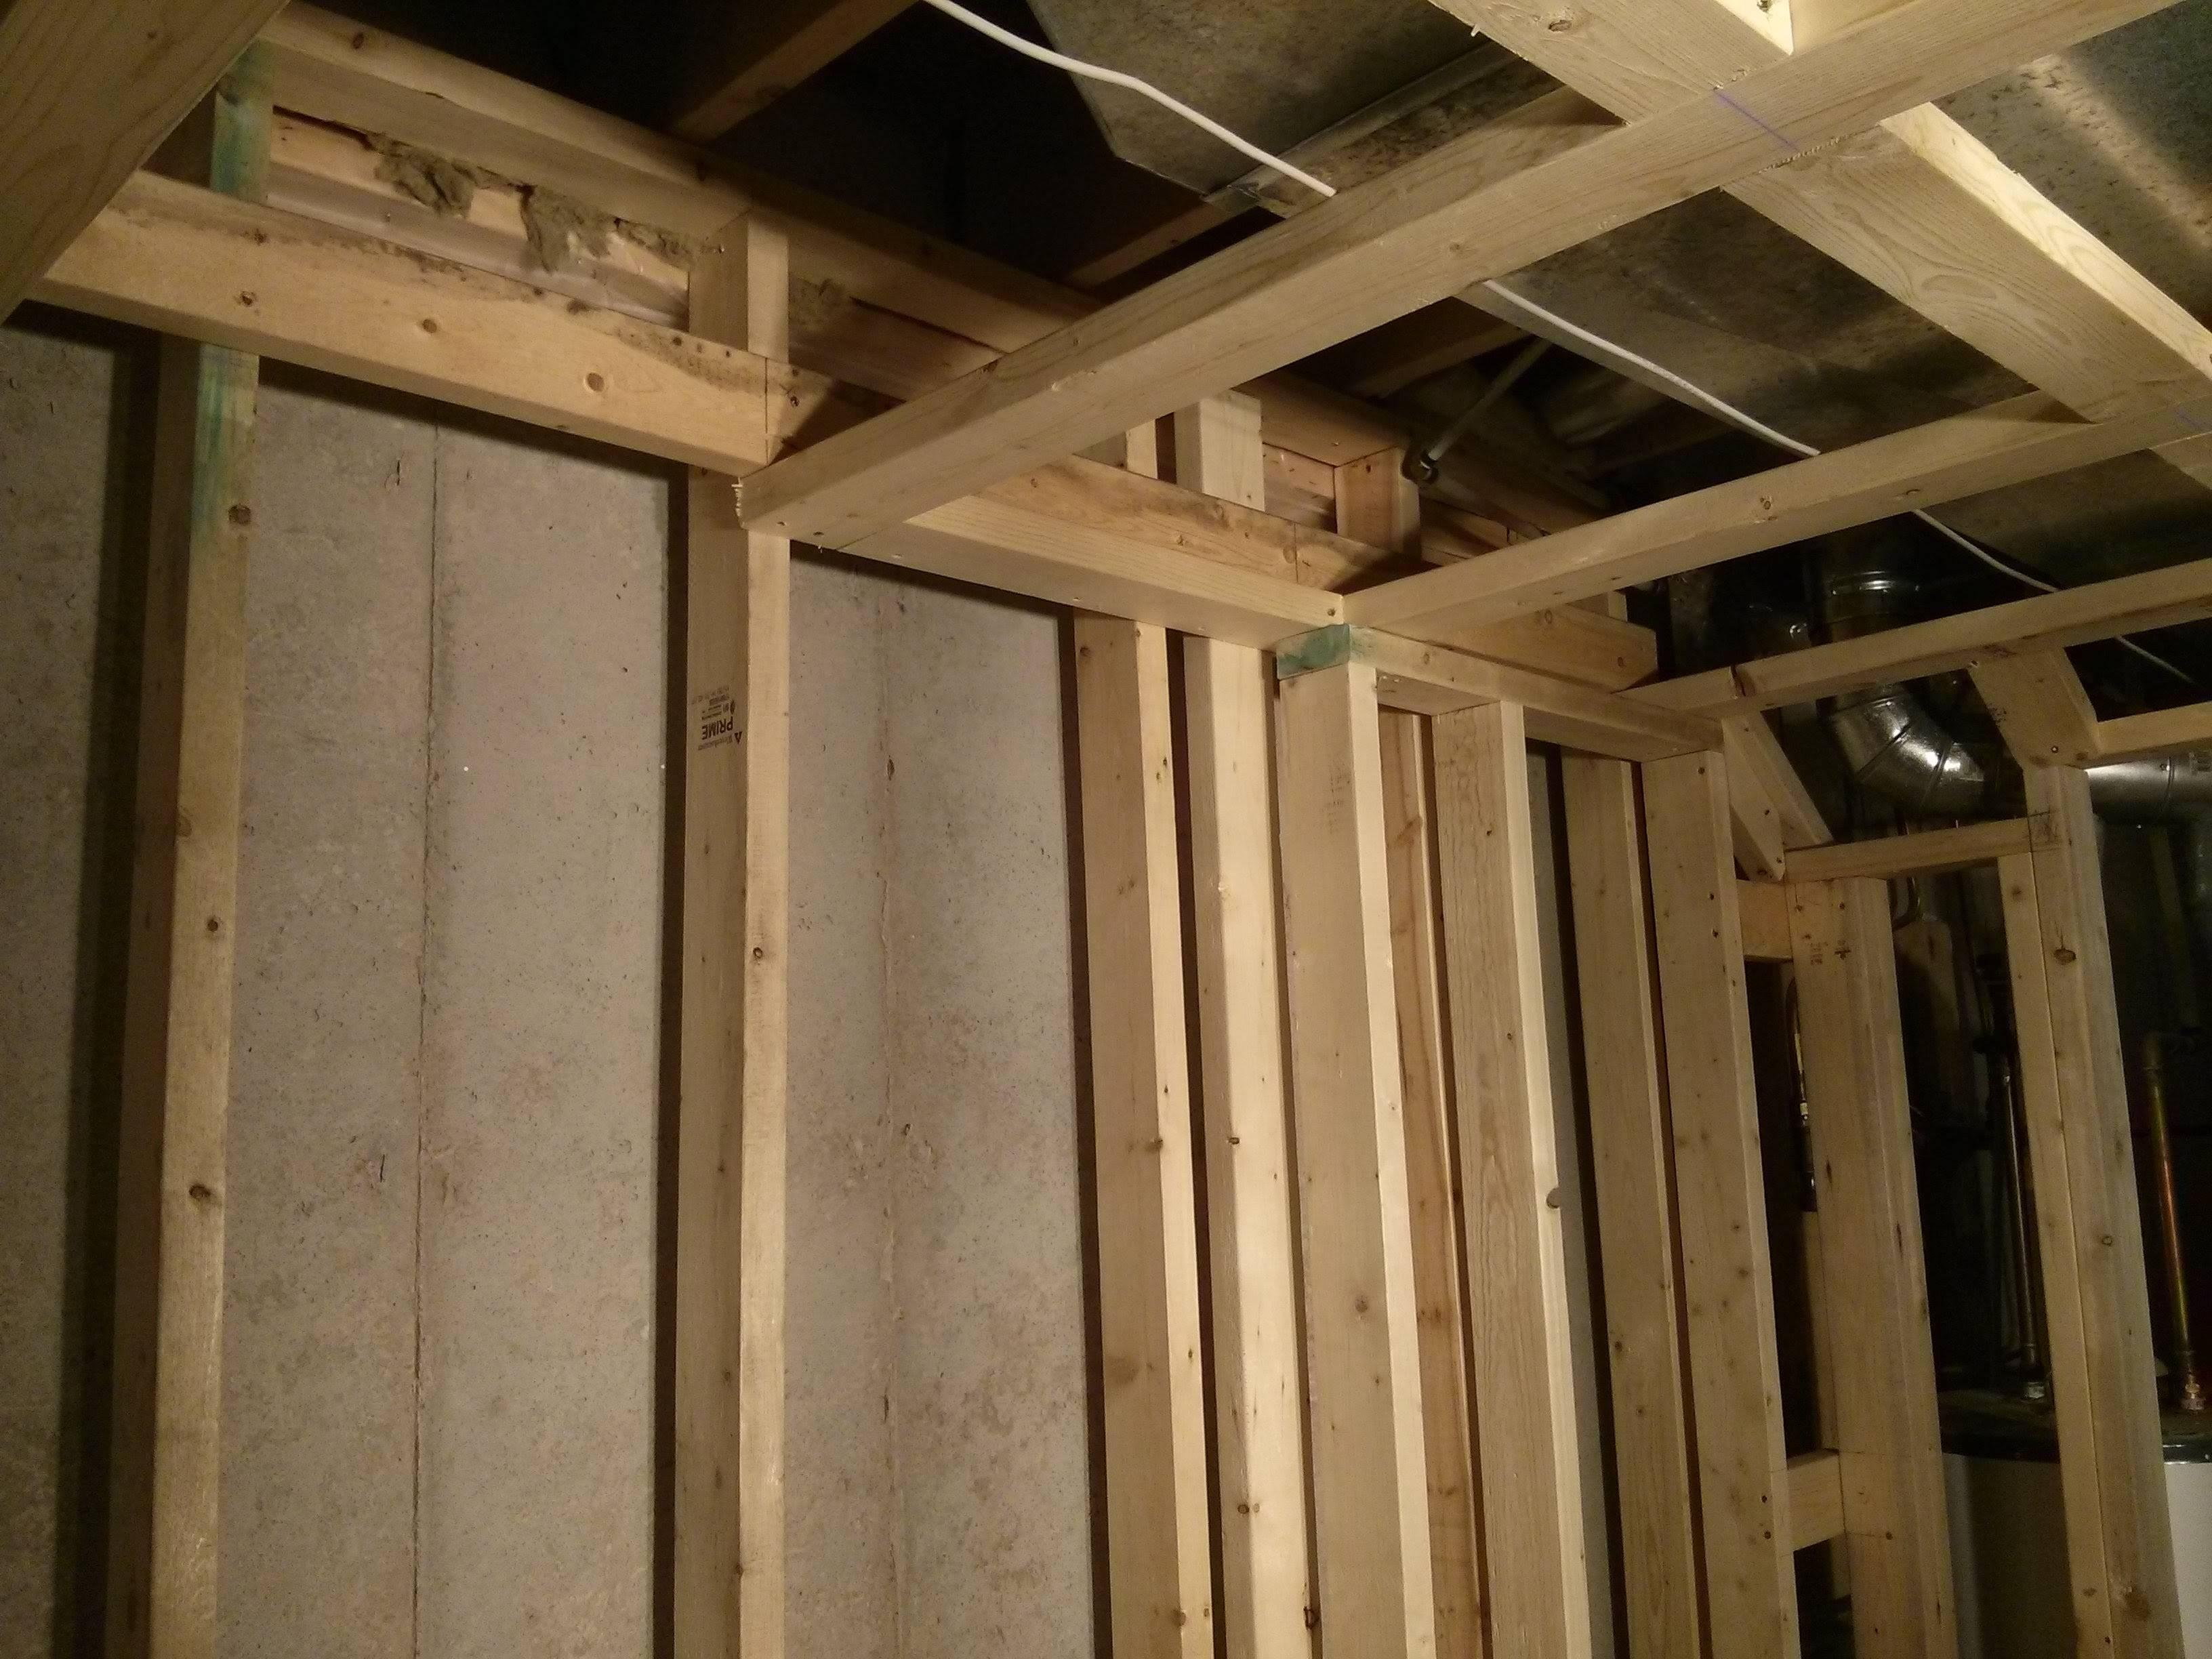 Basement Insulation Vapor Barrier Or Not